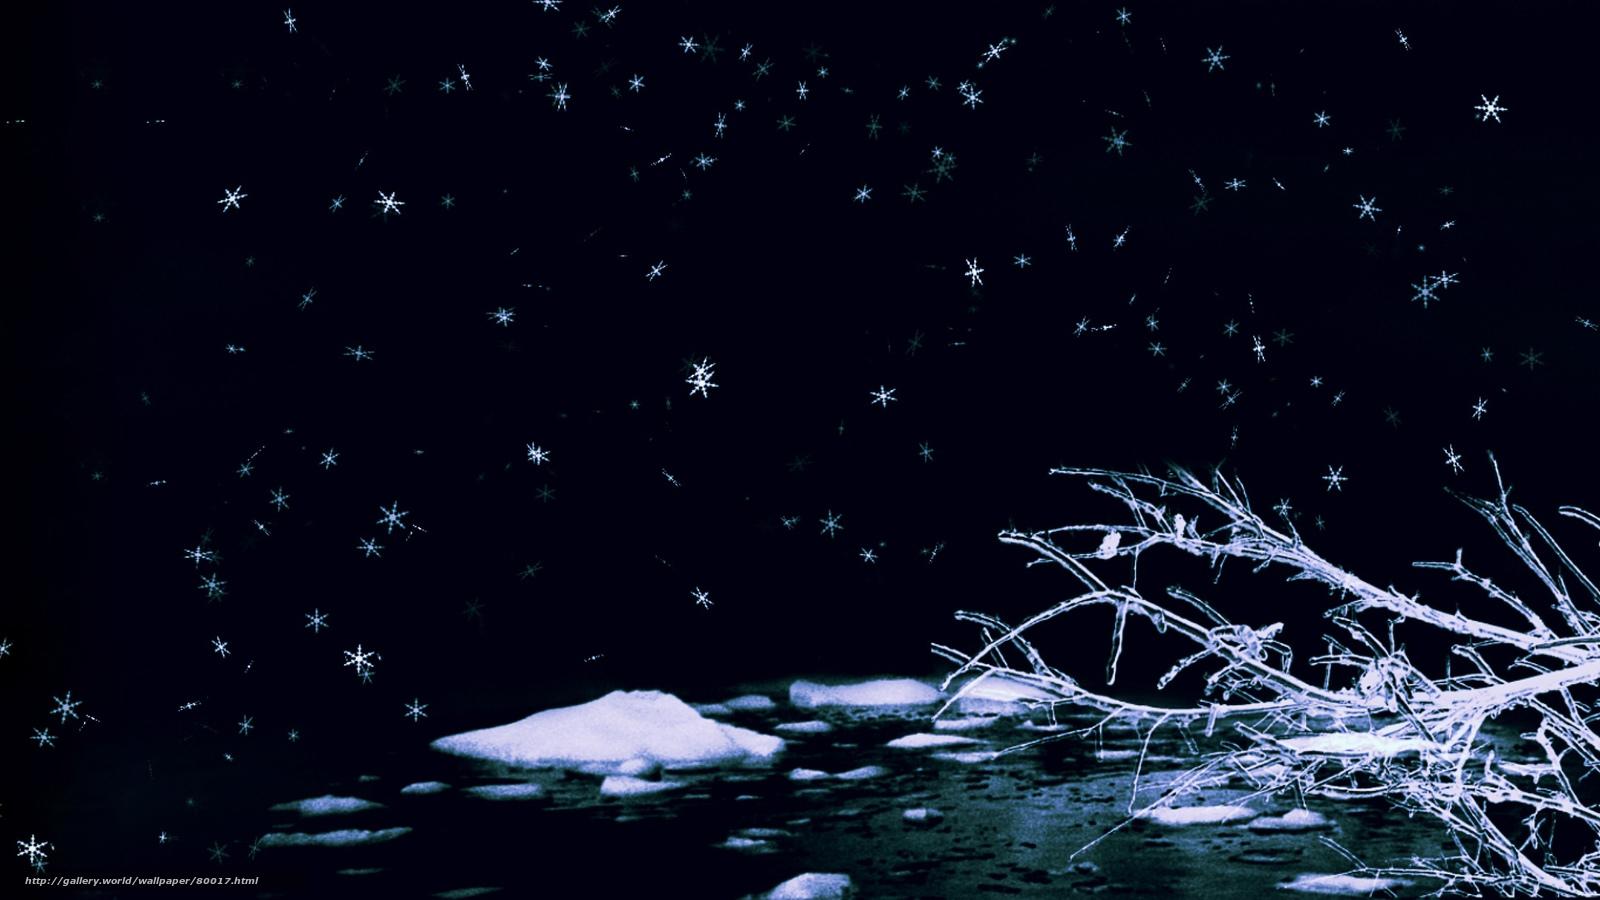 Scaricare gli sfondi inverno ghiaccio romanticismo for Sfondi gratis desktop inverno